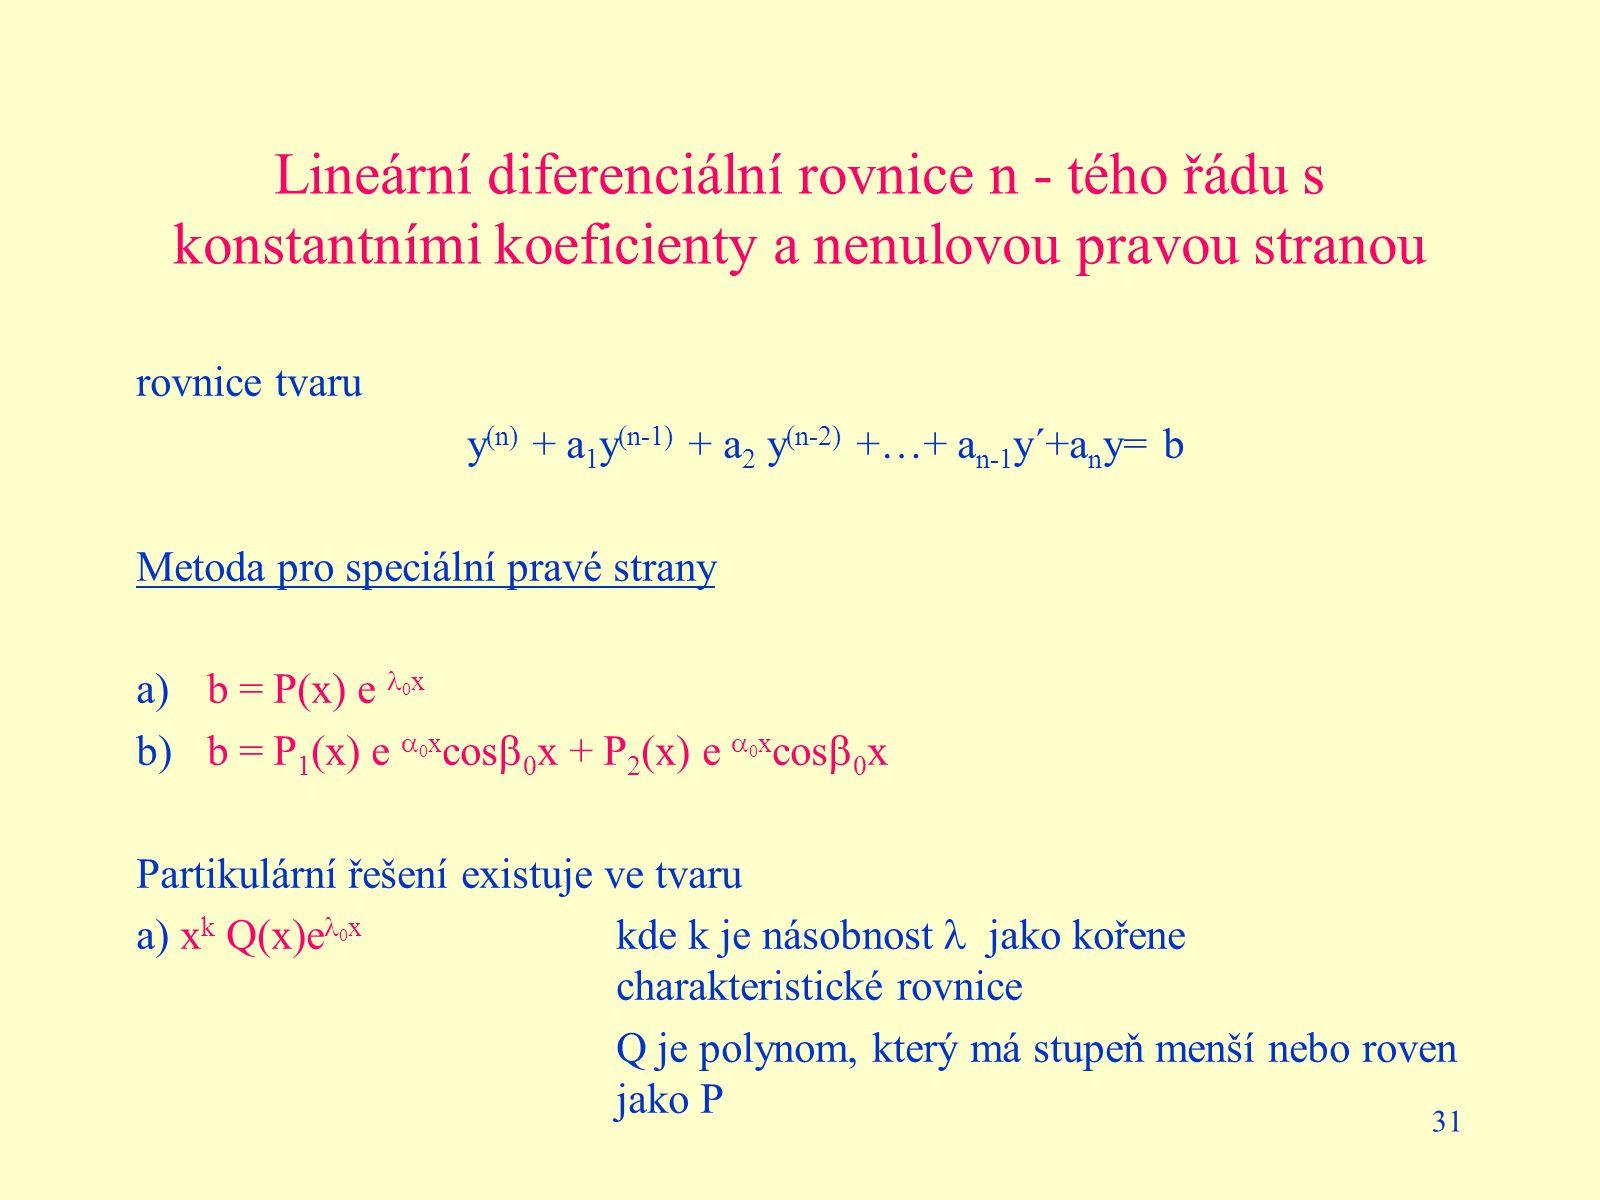 Lineární diferenciální rovnice n - tého řádu s konstantními koeficienty a nenulovou pravou stranou